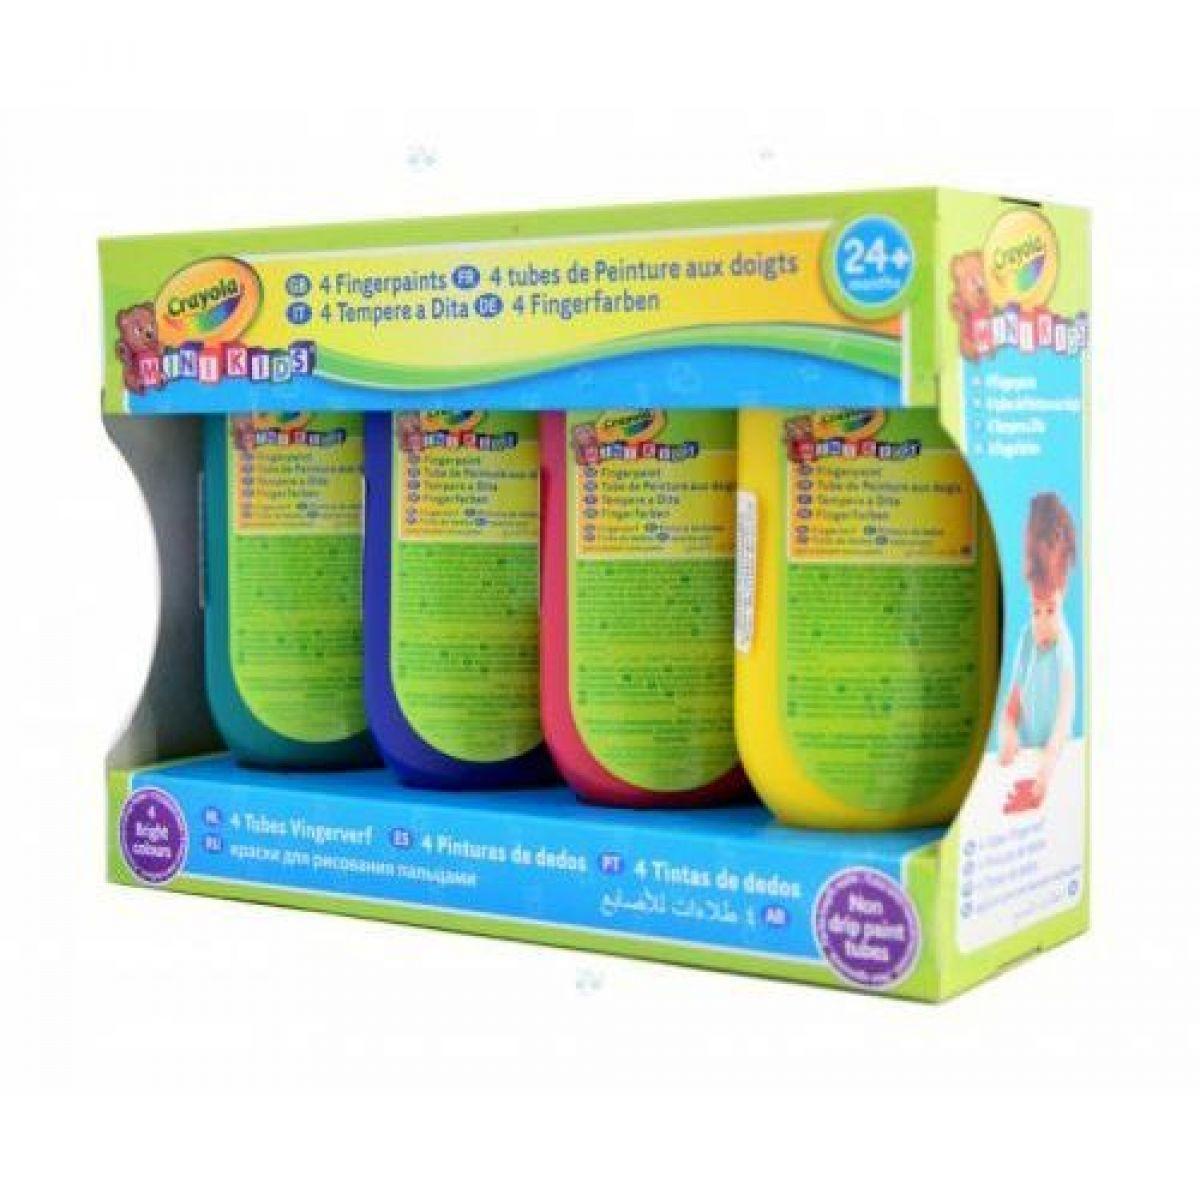 Crayola Mini Kids Prstové barvy 4ks - Poškozený obal